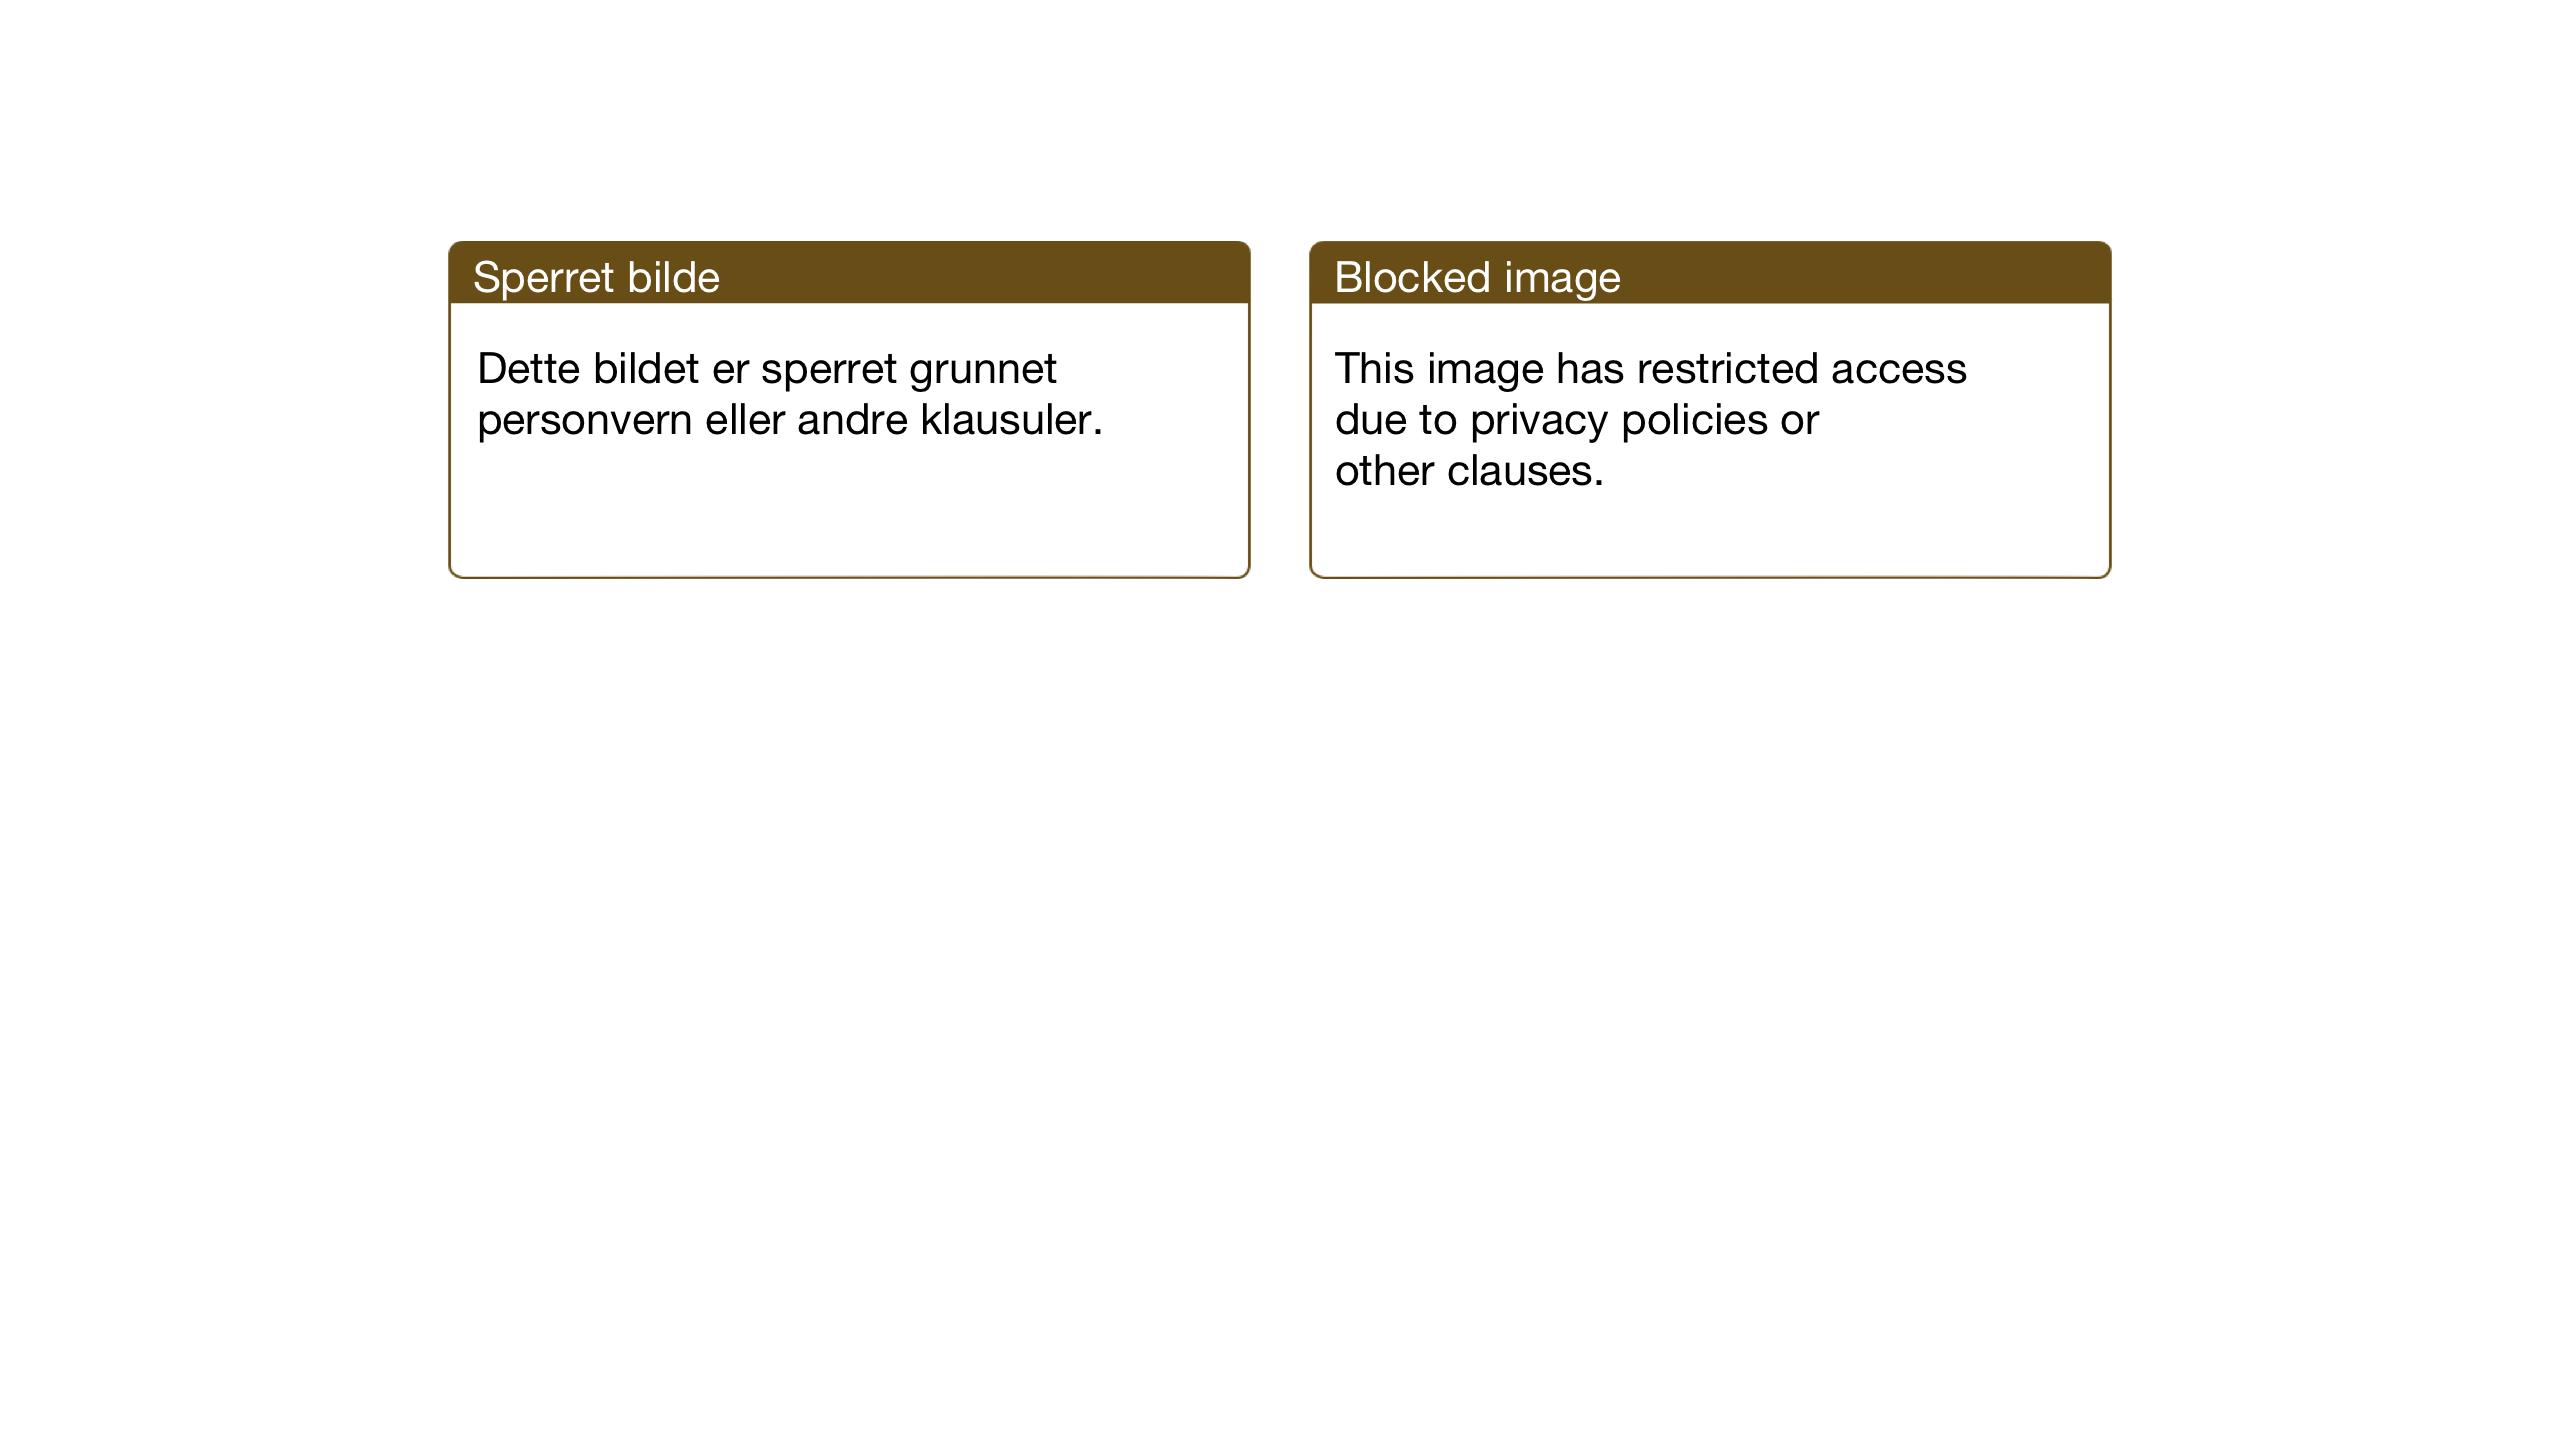 SAT, Ministerialprotokoller, klokkerbøker og fødselsregistre - Sør-Trøndelag, 690/L1053: Klokkerbok nr. 690C03, 1930-1947, s. 43